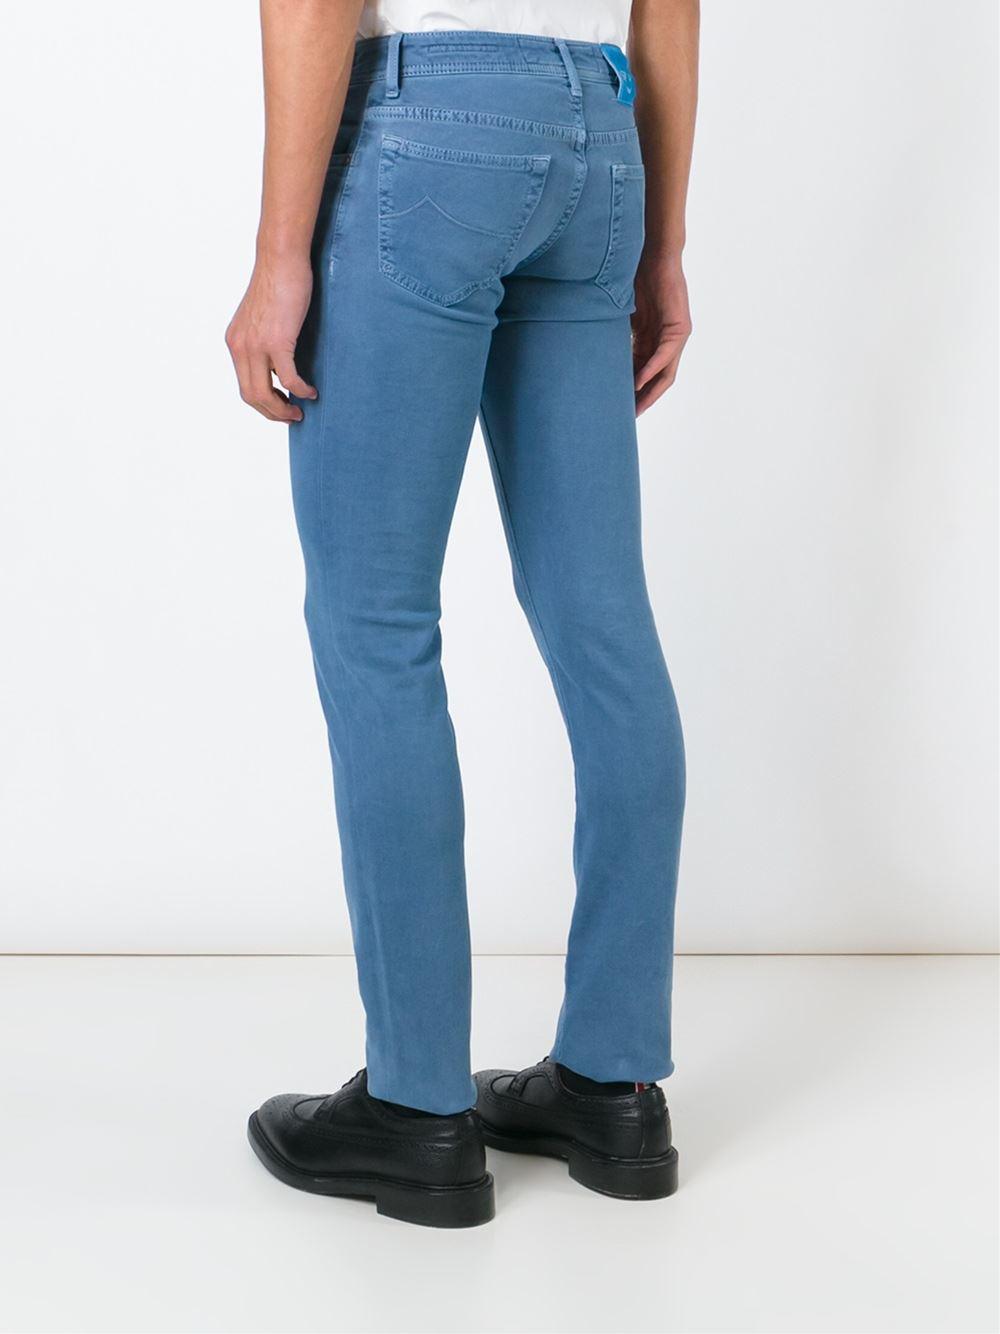 Jacob cohen slim fit jeans in blue for men lyst - Jacob cohen denim ...